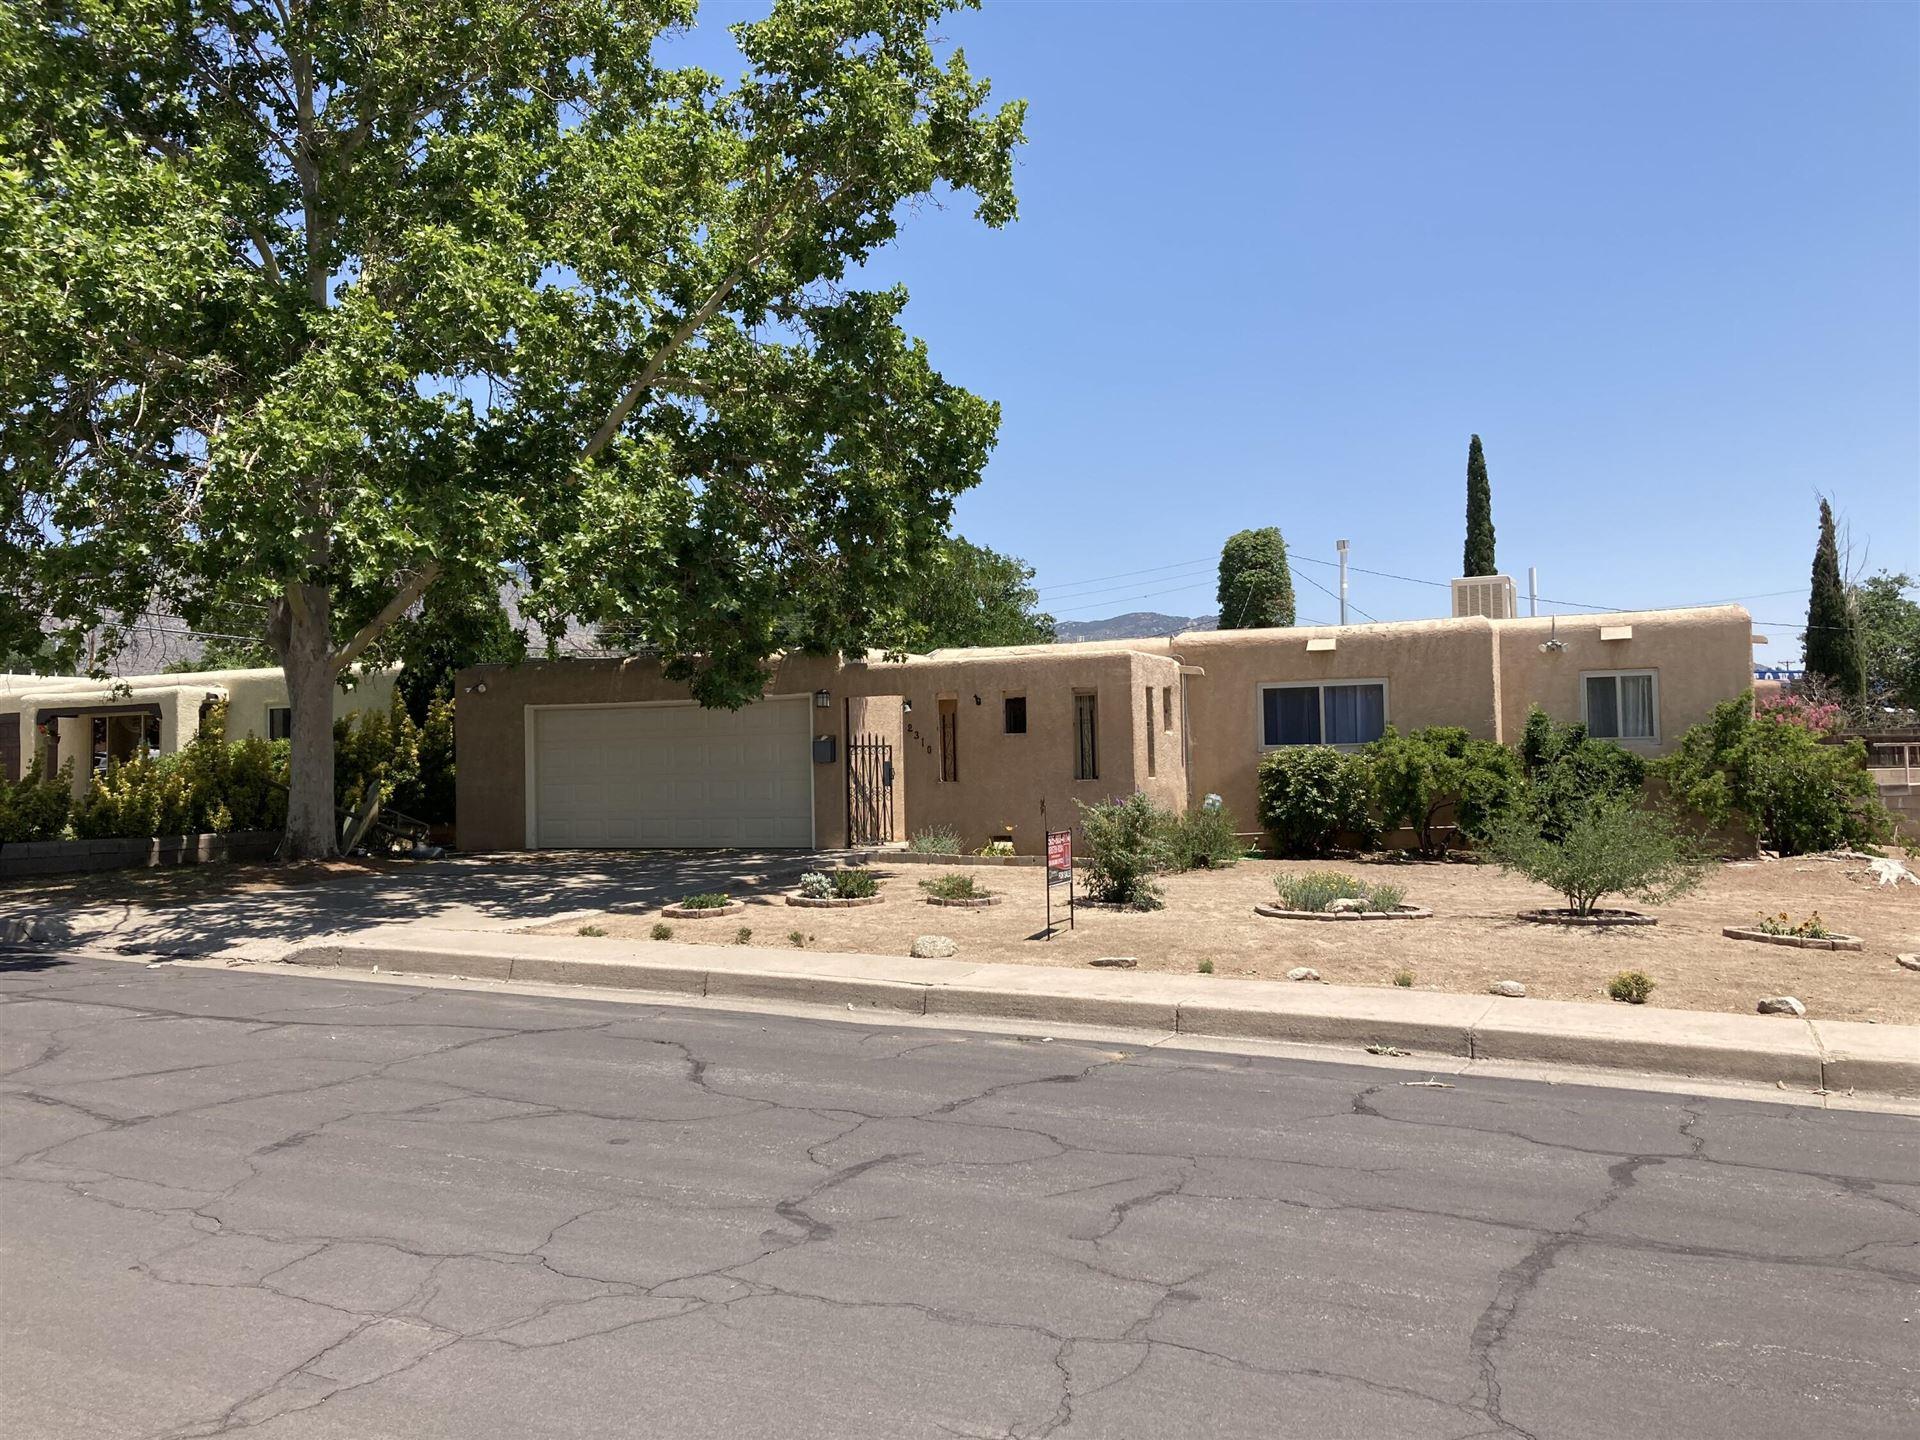 Photo of 2310 ELIZABETH Street NE, Albuquerque, NM 87112 (MLS # 994770)